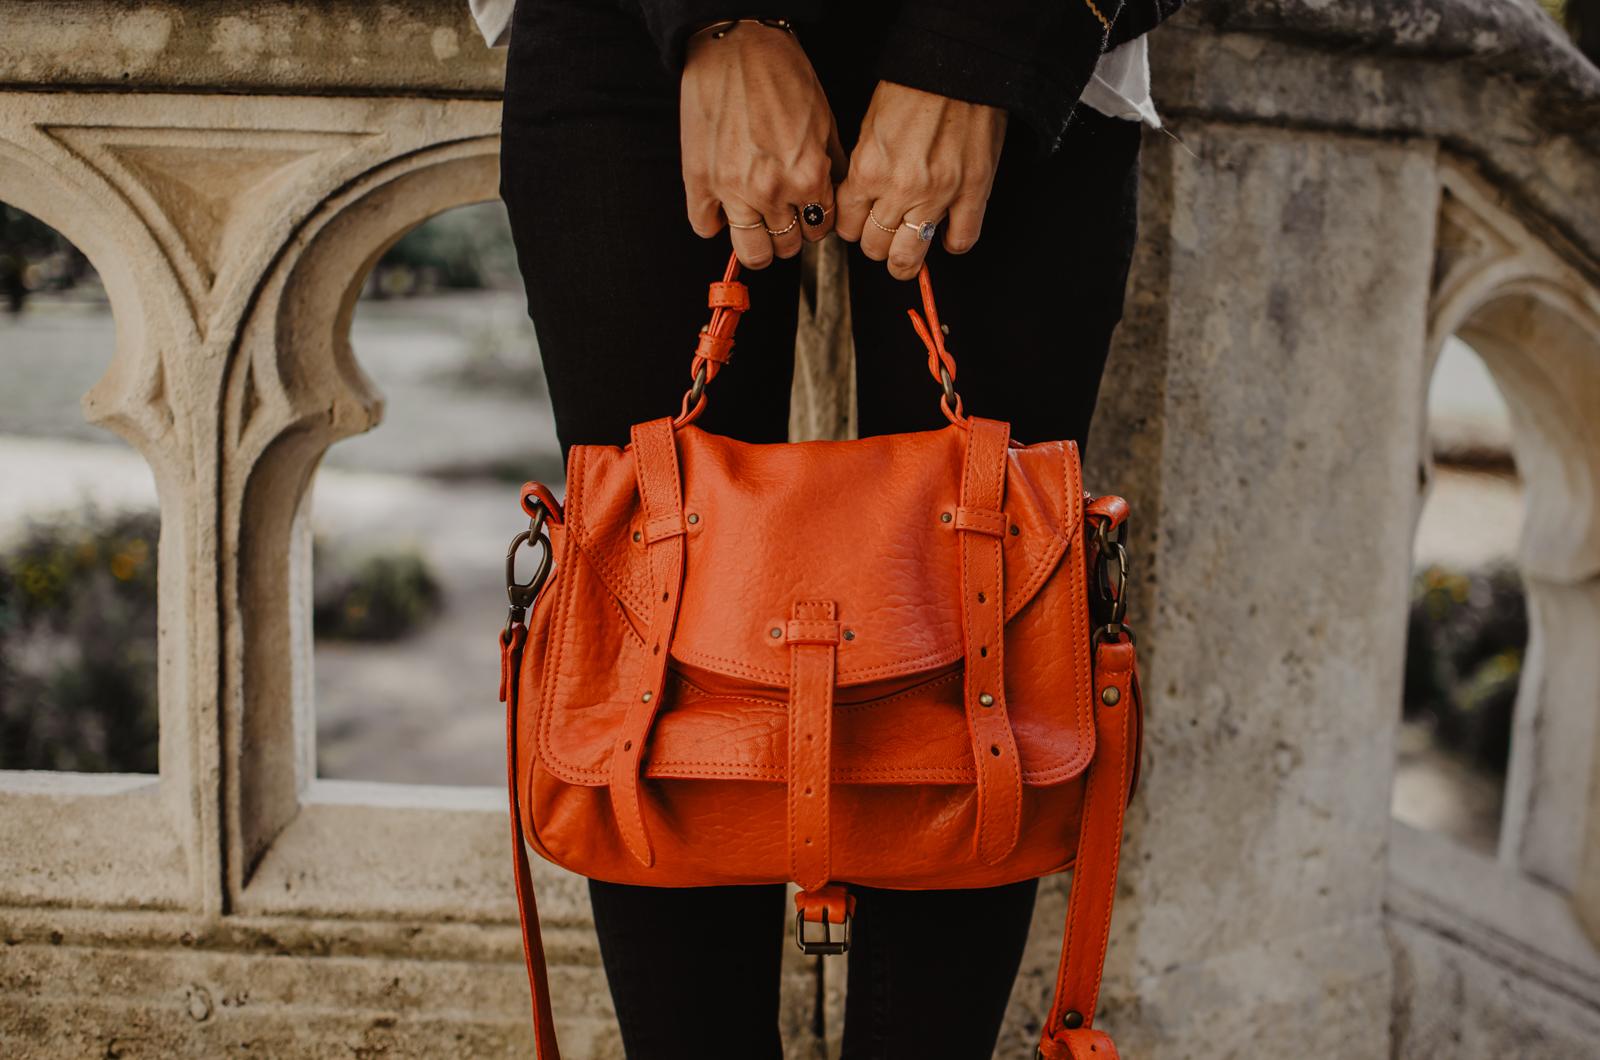 sac cartable comptoir des cotonniers